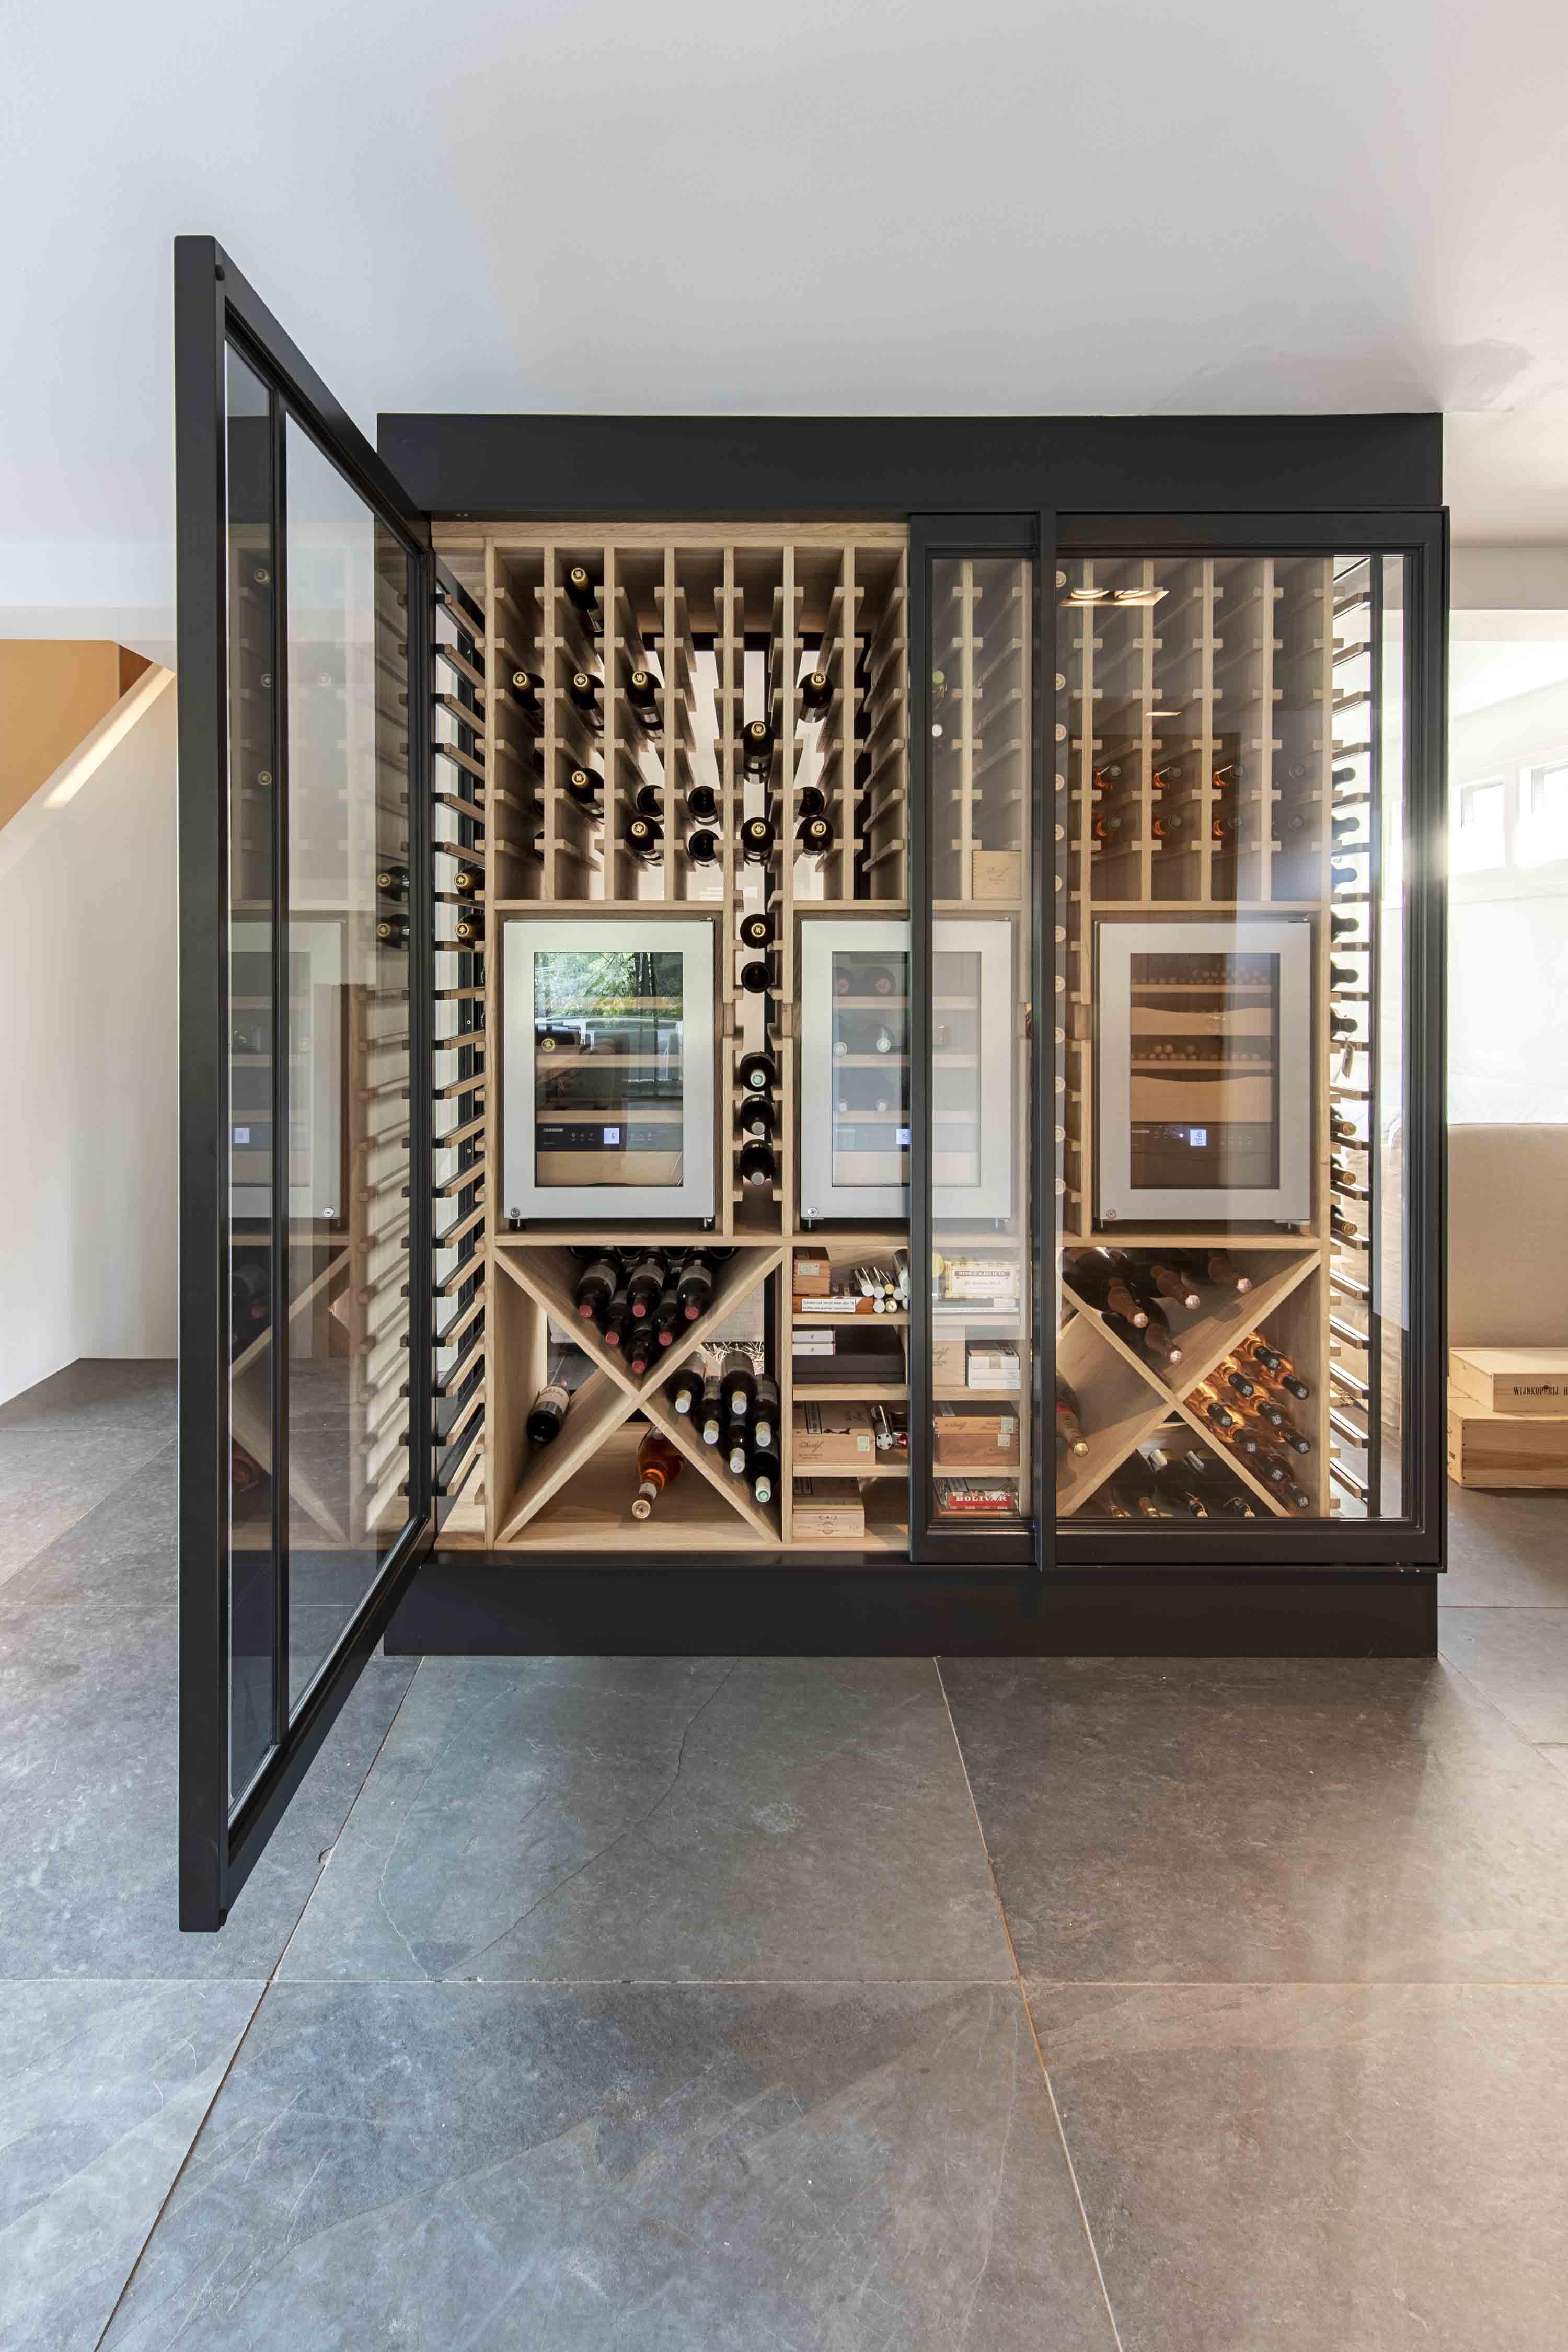 335.-Wine-cabinet-by-Pjokke-Dutch-Design03.jpg